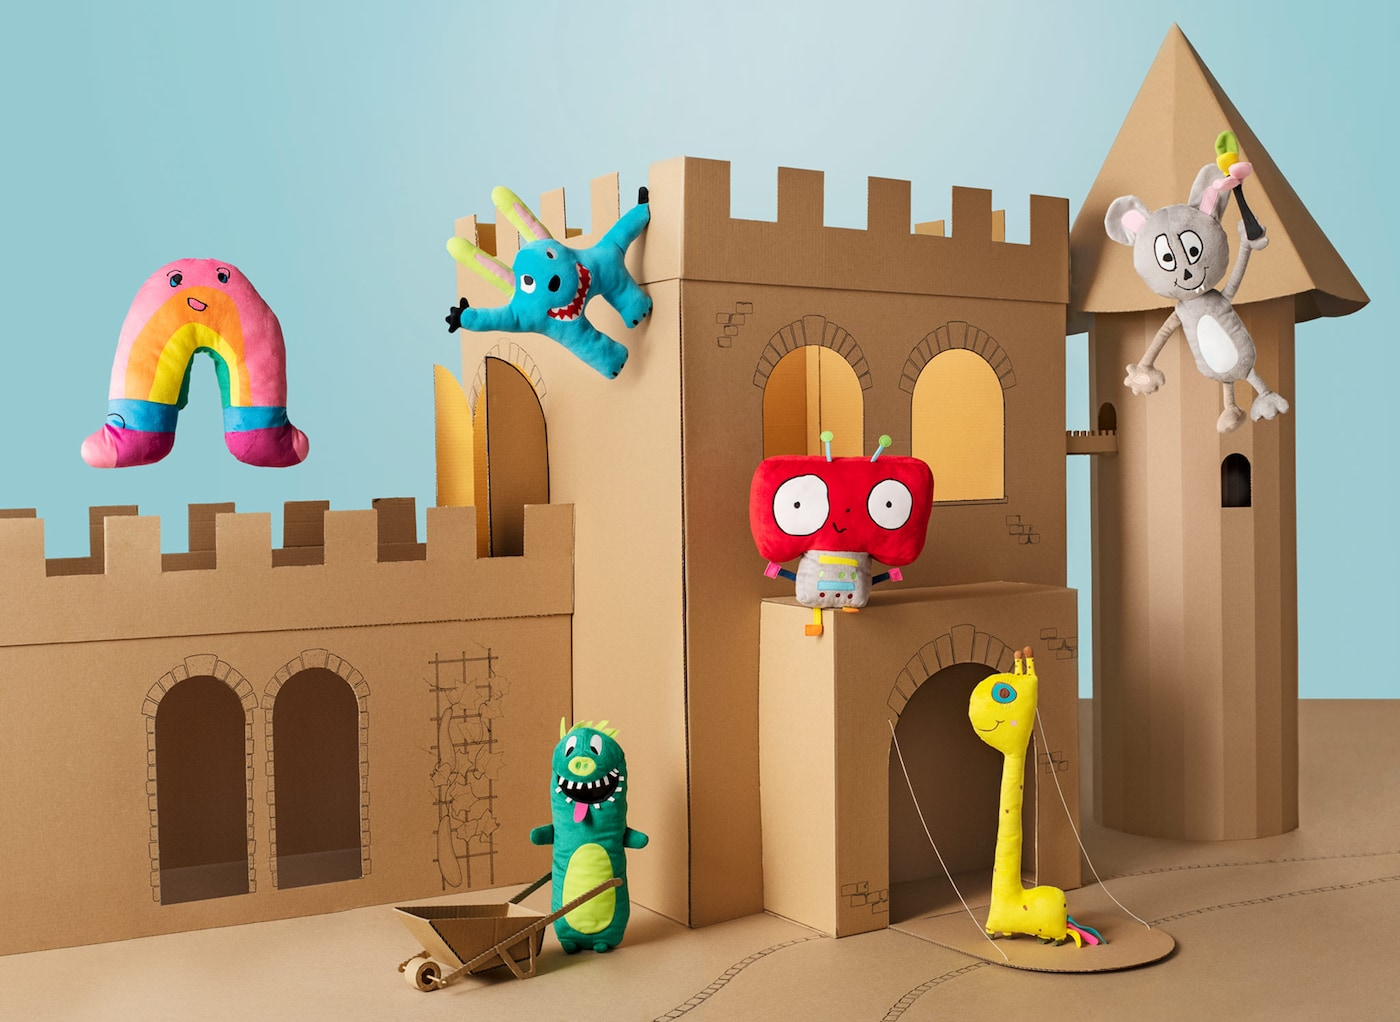 Un castillo de cartón marrón sirve de escenario para seis coloridos peluches IKEA SAGOSKATT.